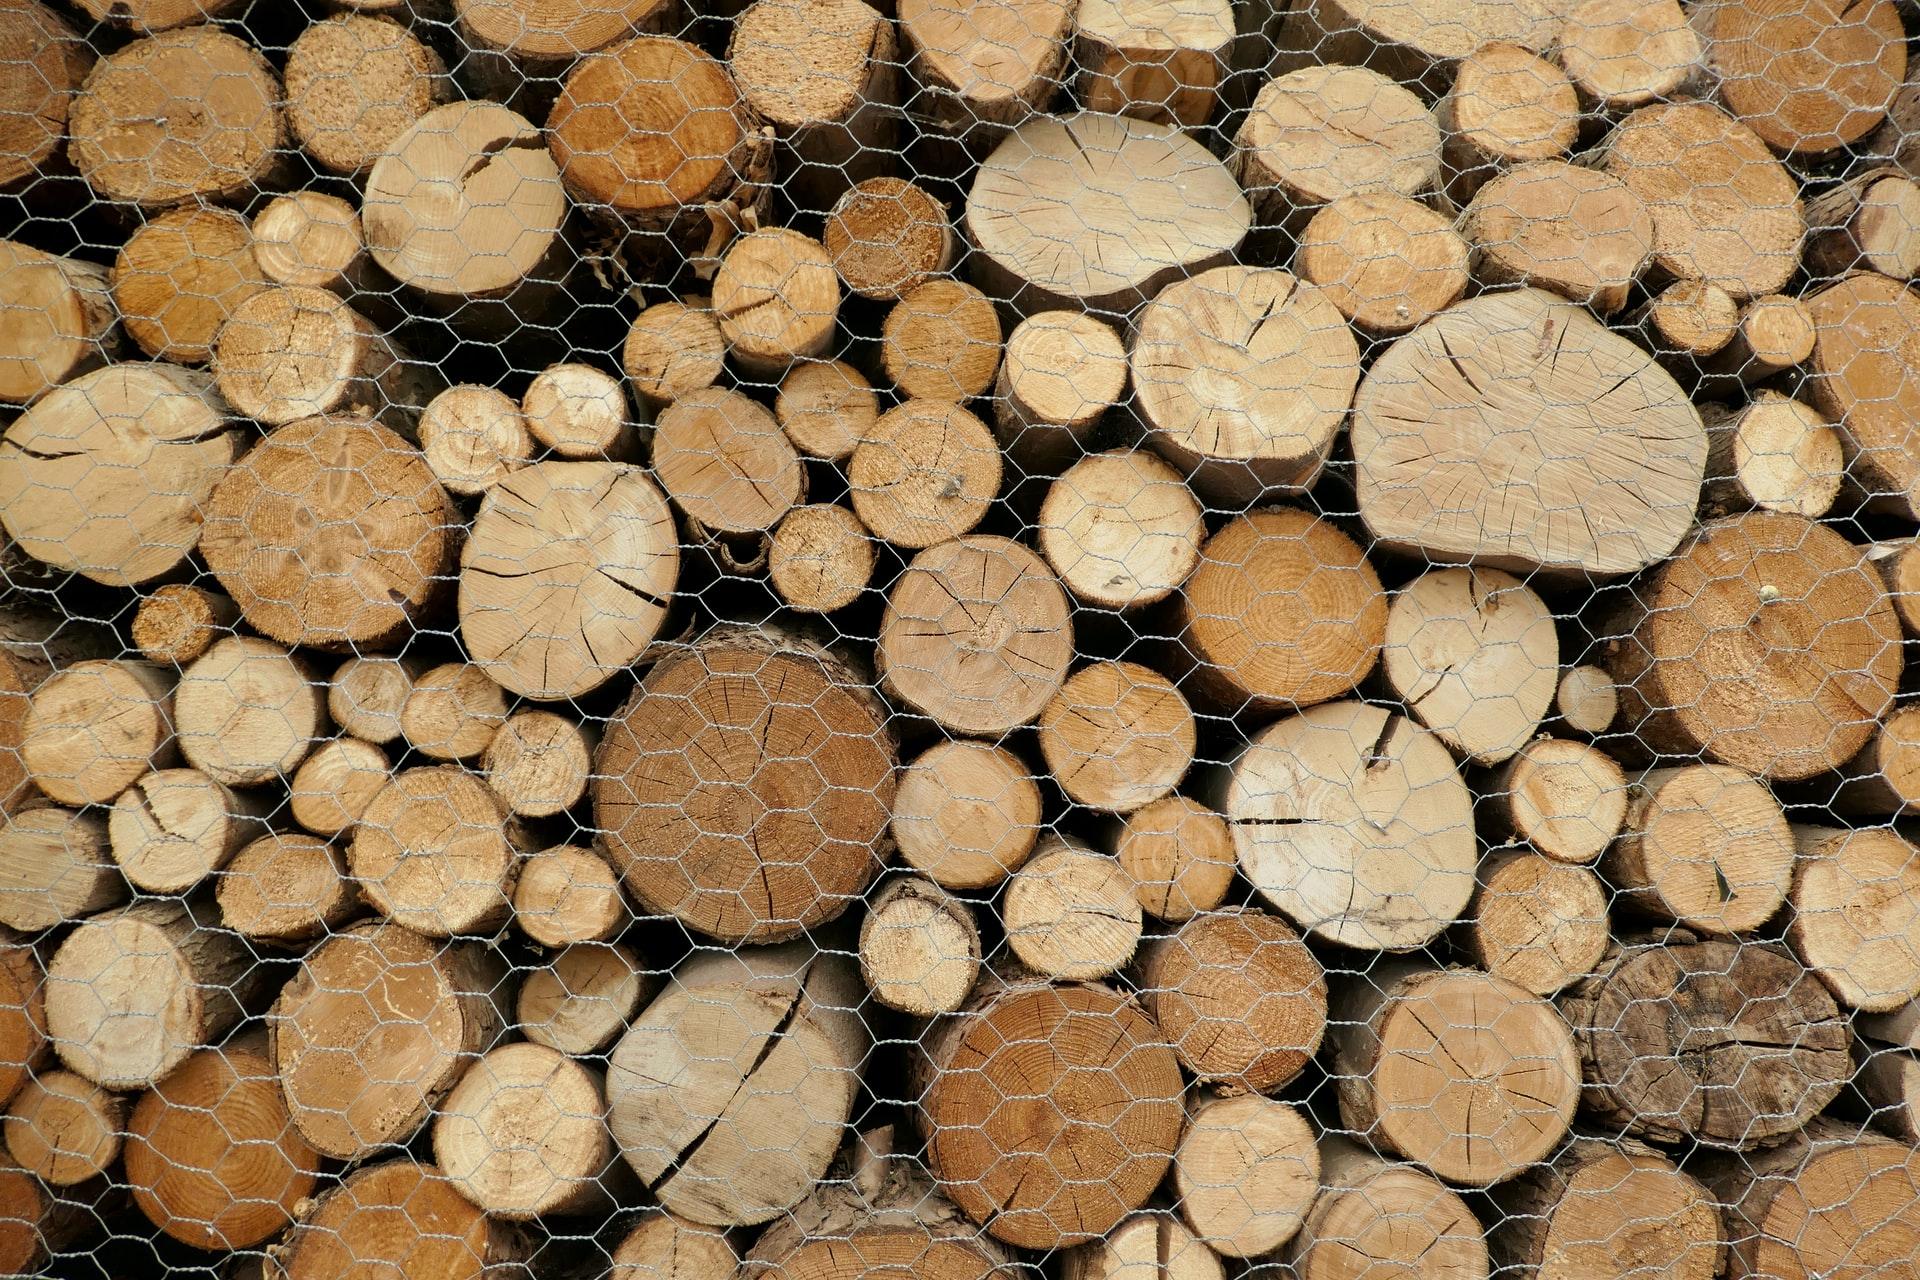 セルロースの原料の木材